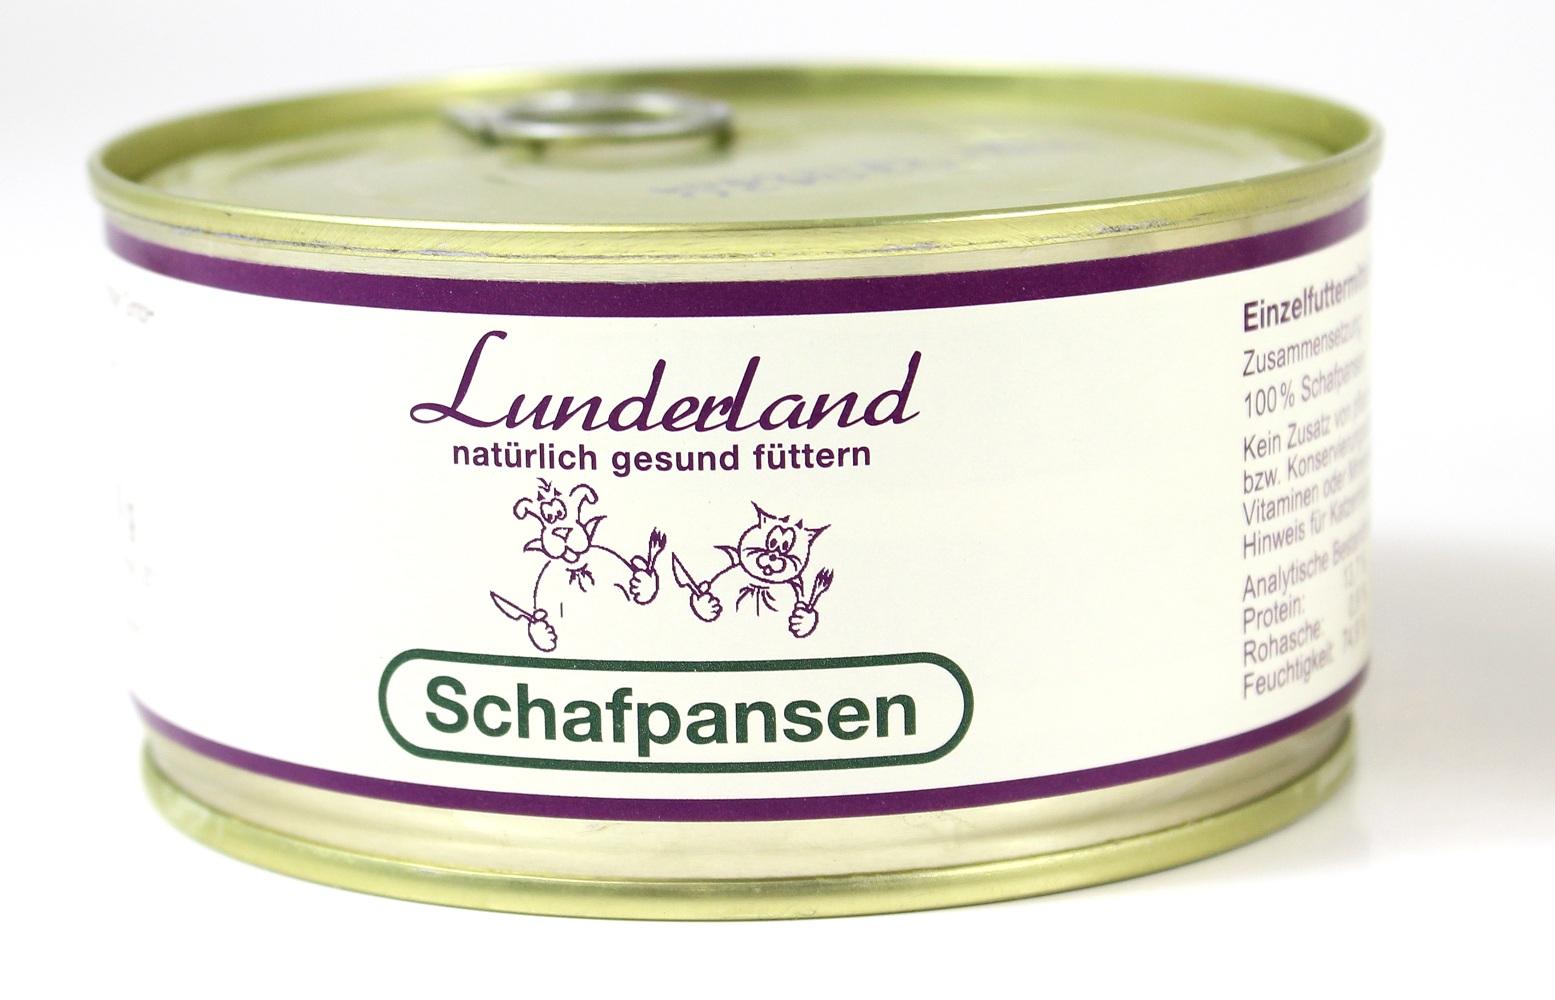 lunderland schafpansen 300g futtershop24 hundefutter und. Black Bedroom Furniture Sets. Home Design Ideas